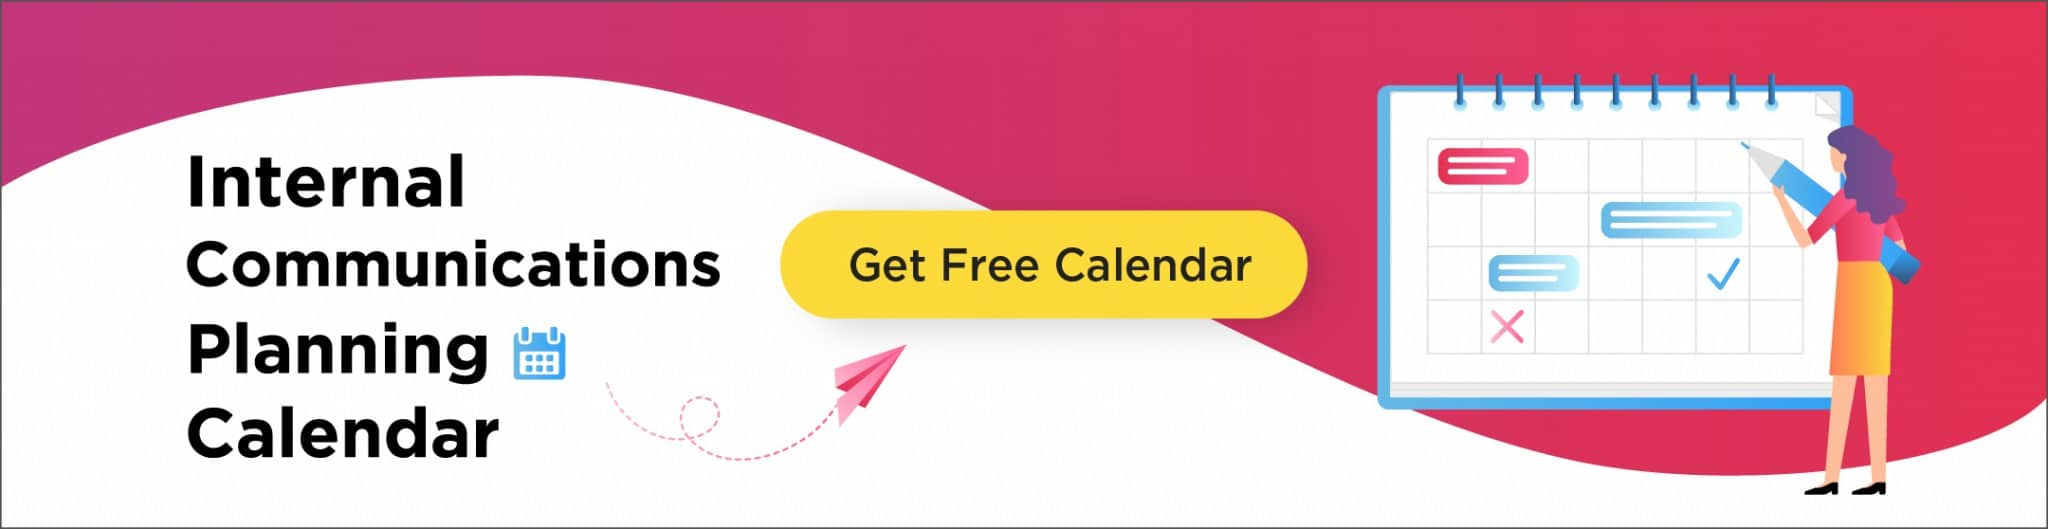 internal-communications-content-calendar